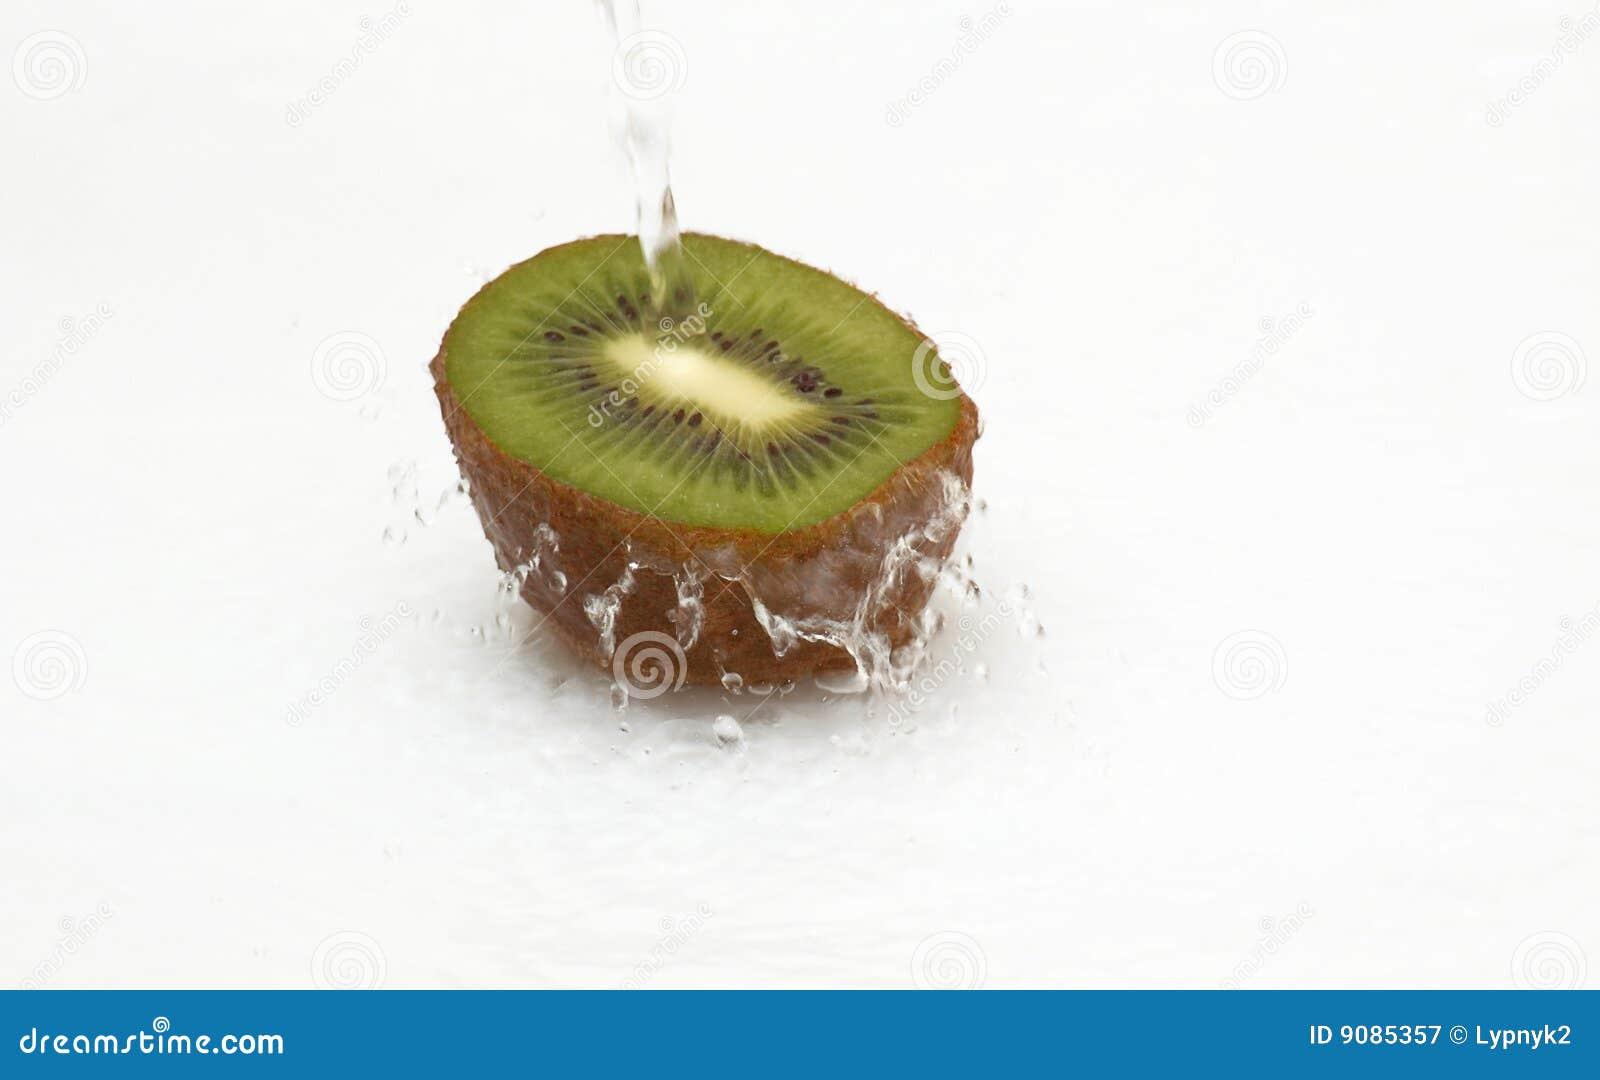 Hälfte der saftigen Kiwi und des sauberen, kühlen Wassers.